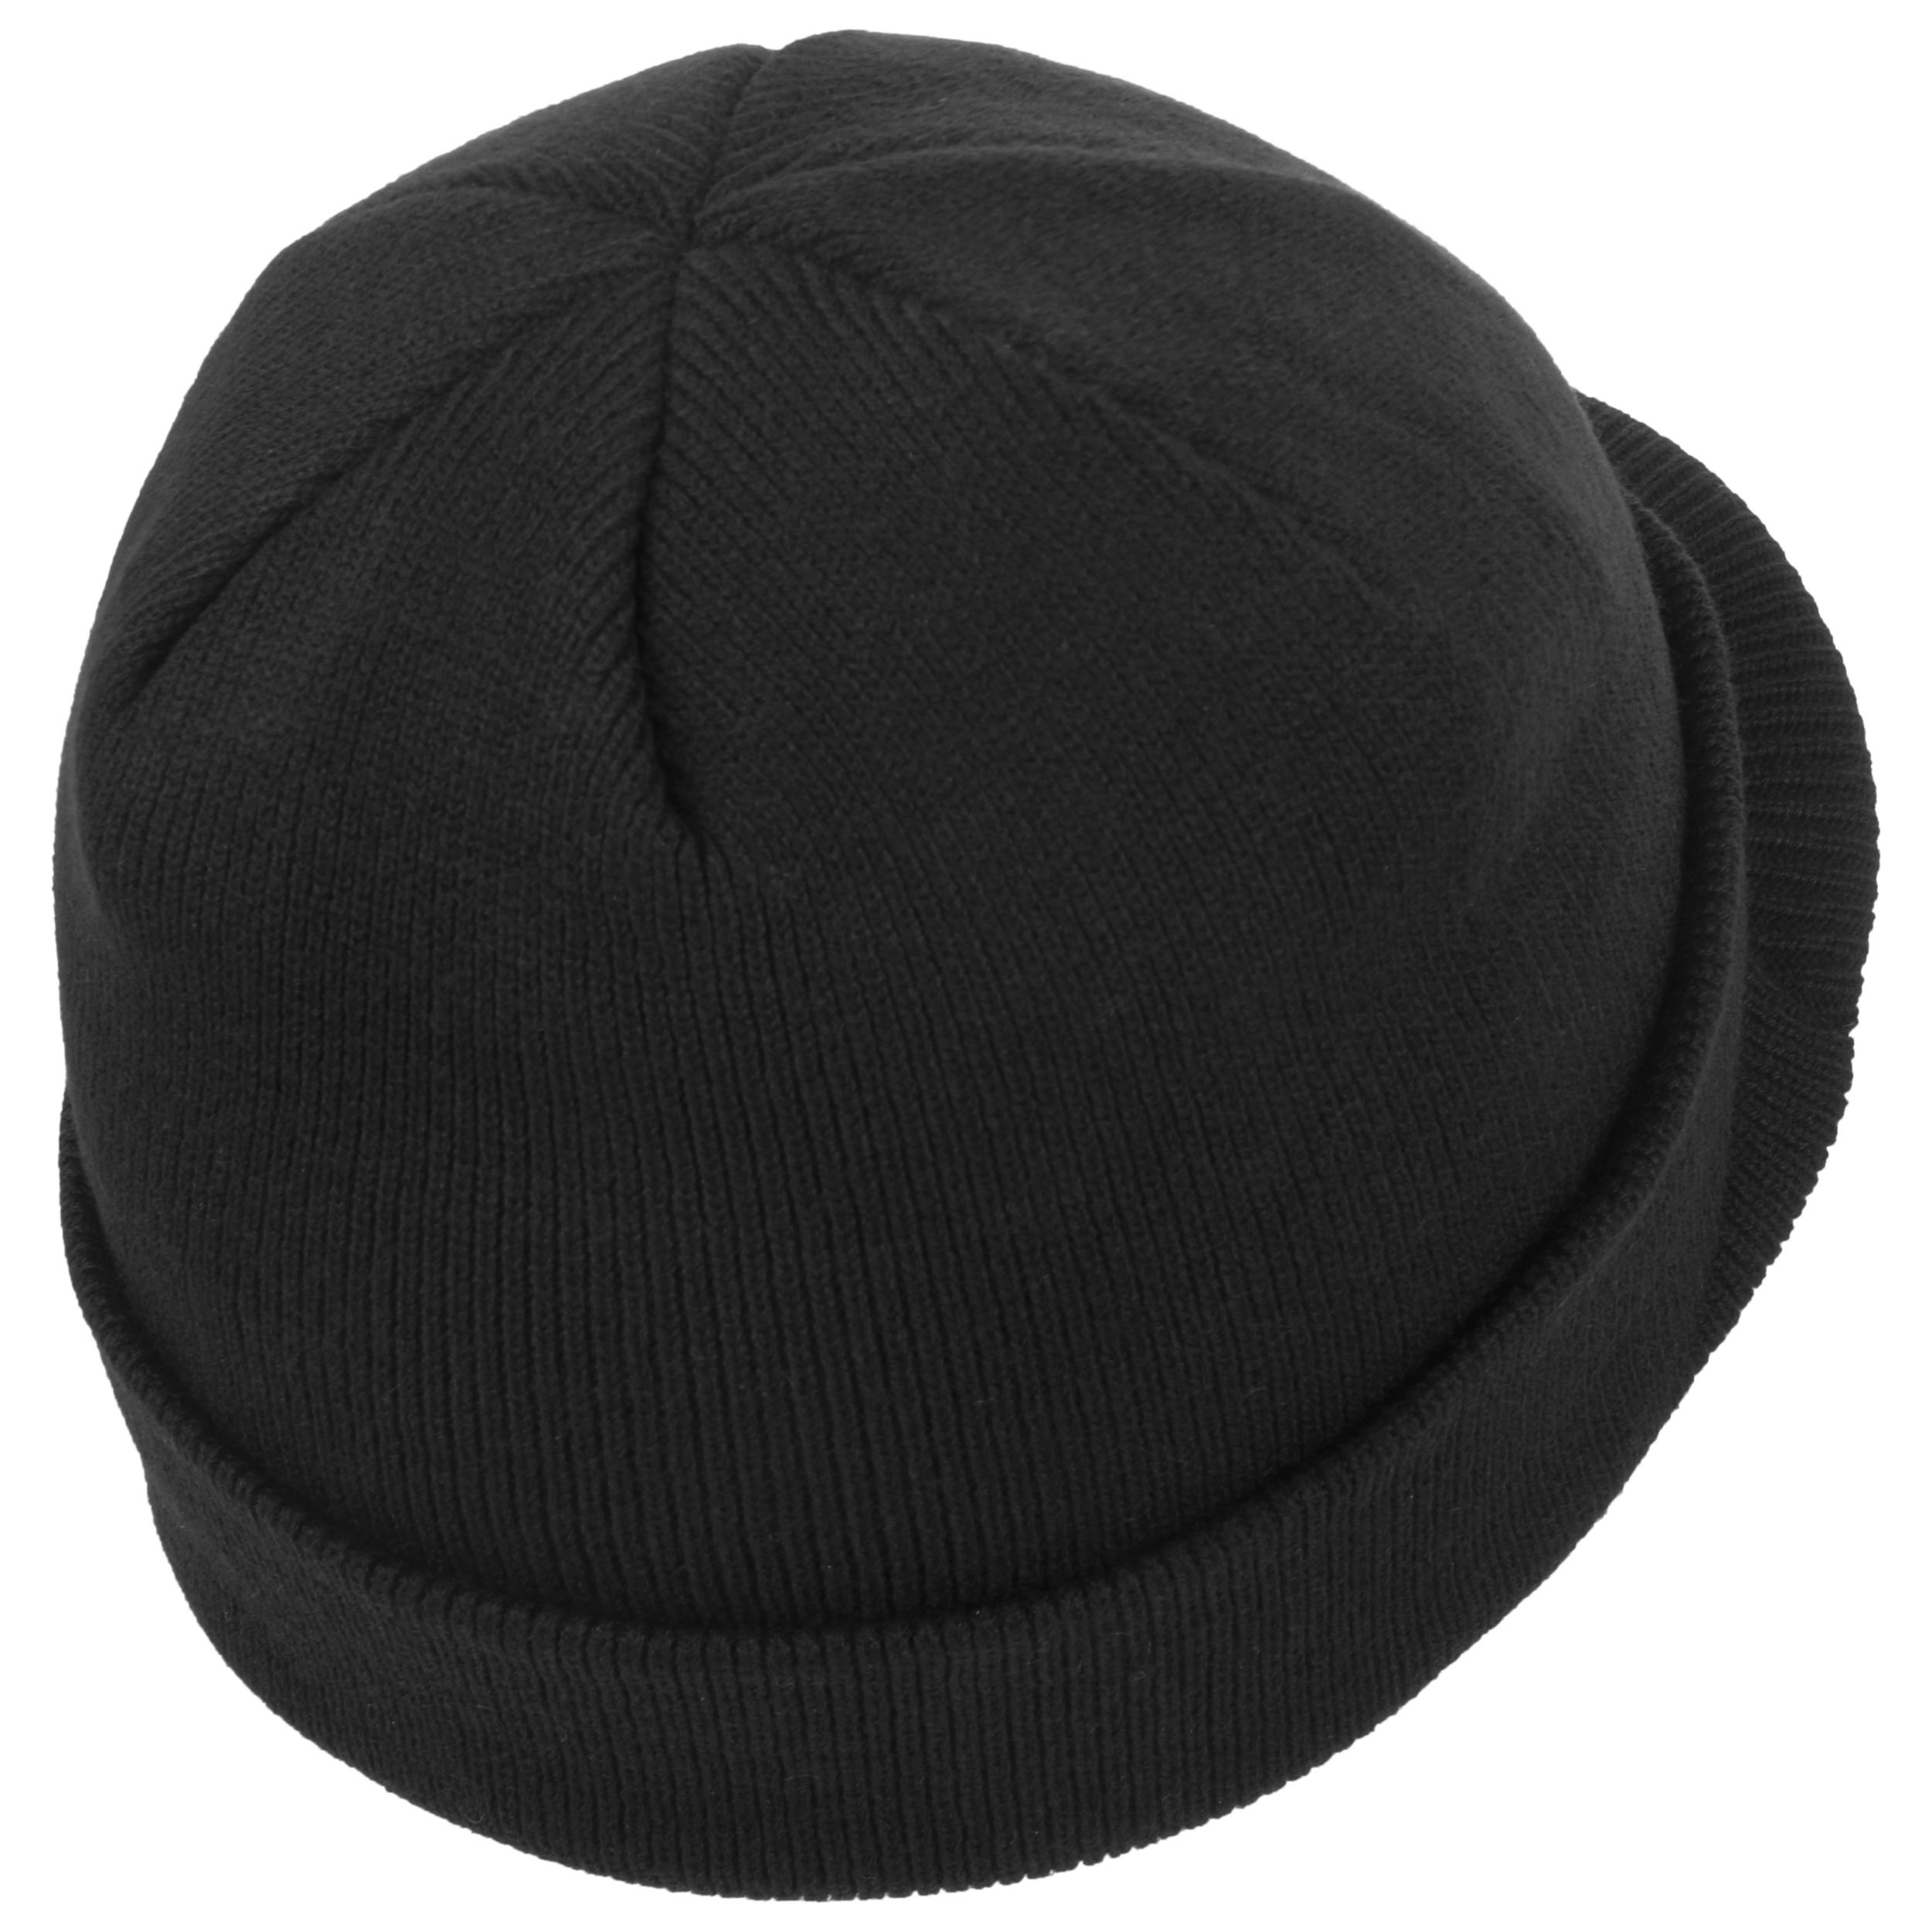 Otto Winter Hat by Eisbär